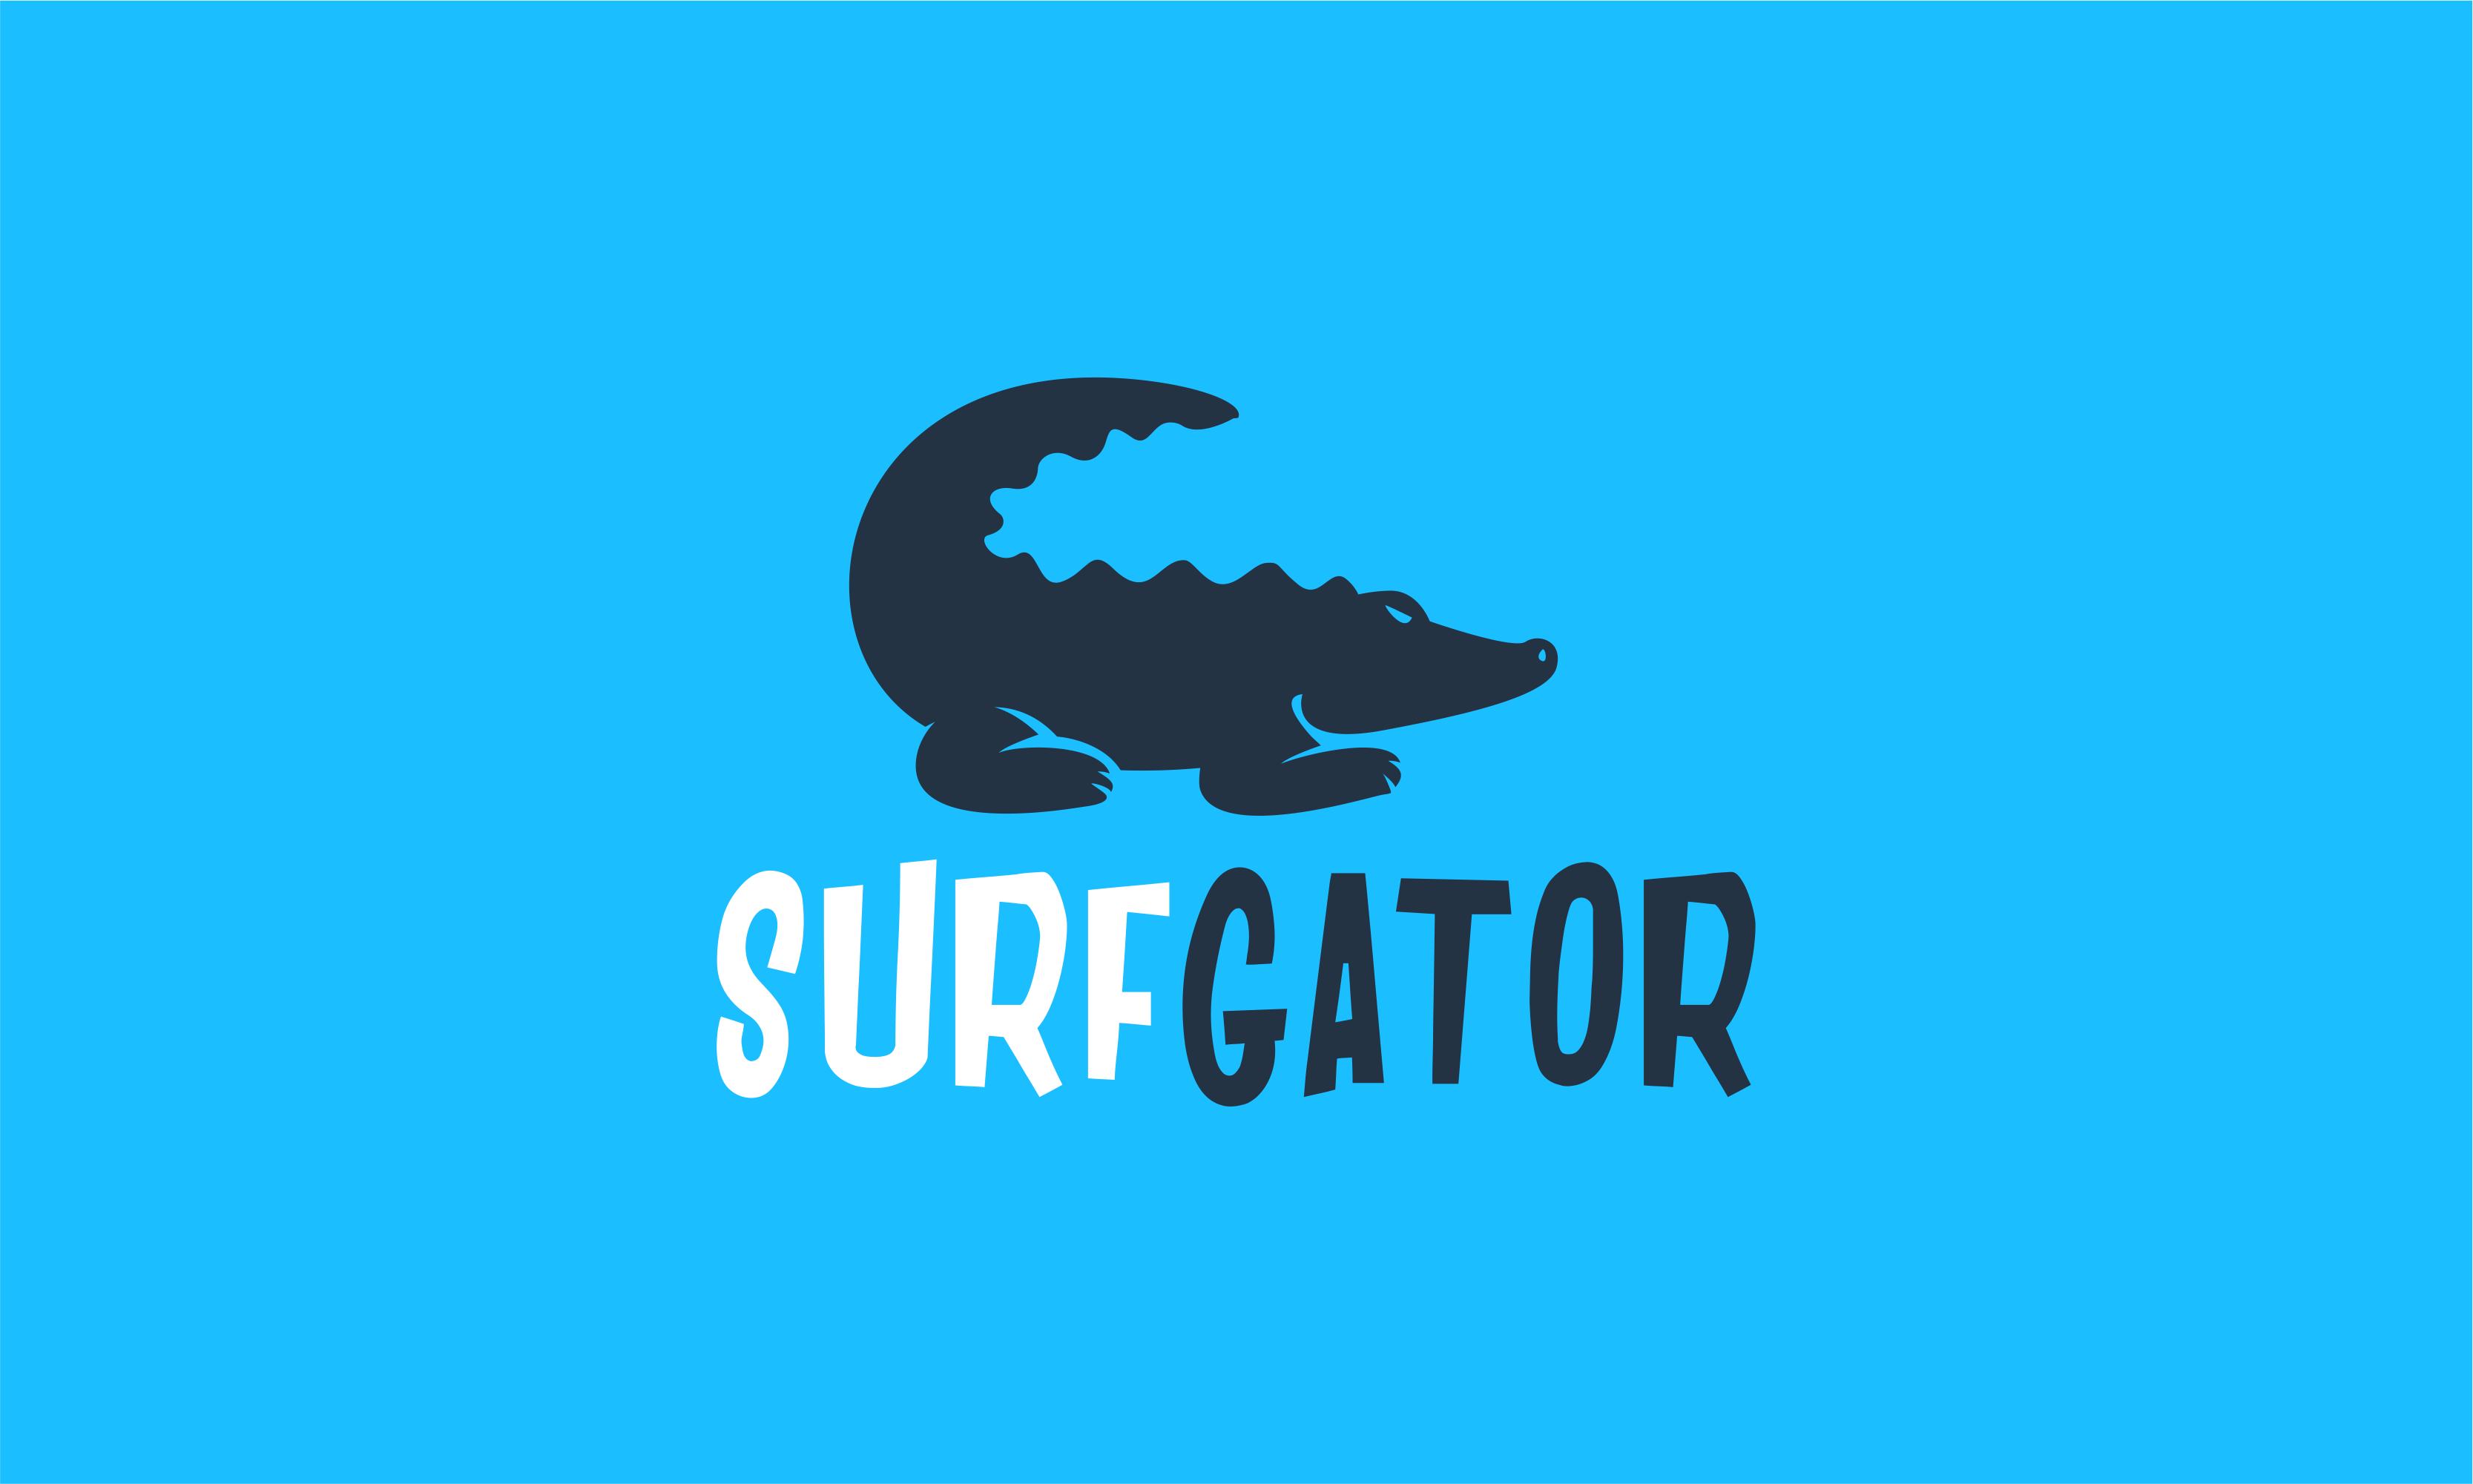 Surfgator